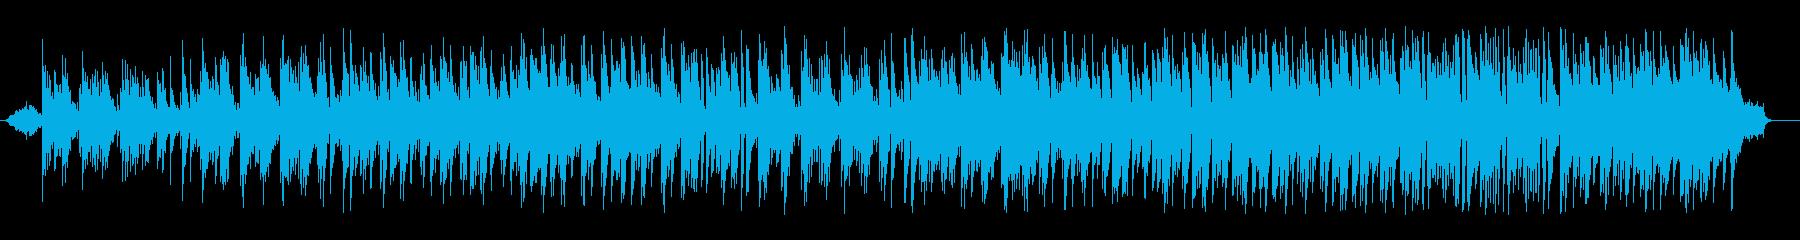 潤いのアコースティック・ギター・サウンドの再生済みの波形